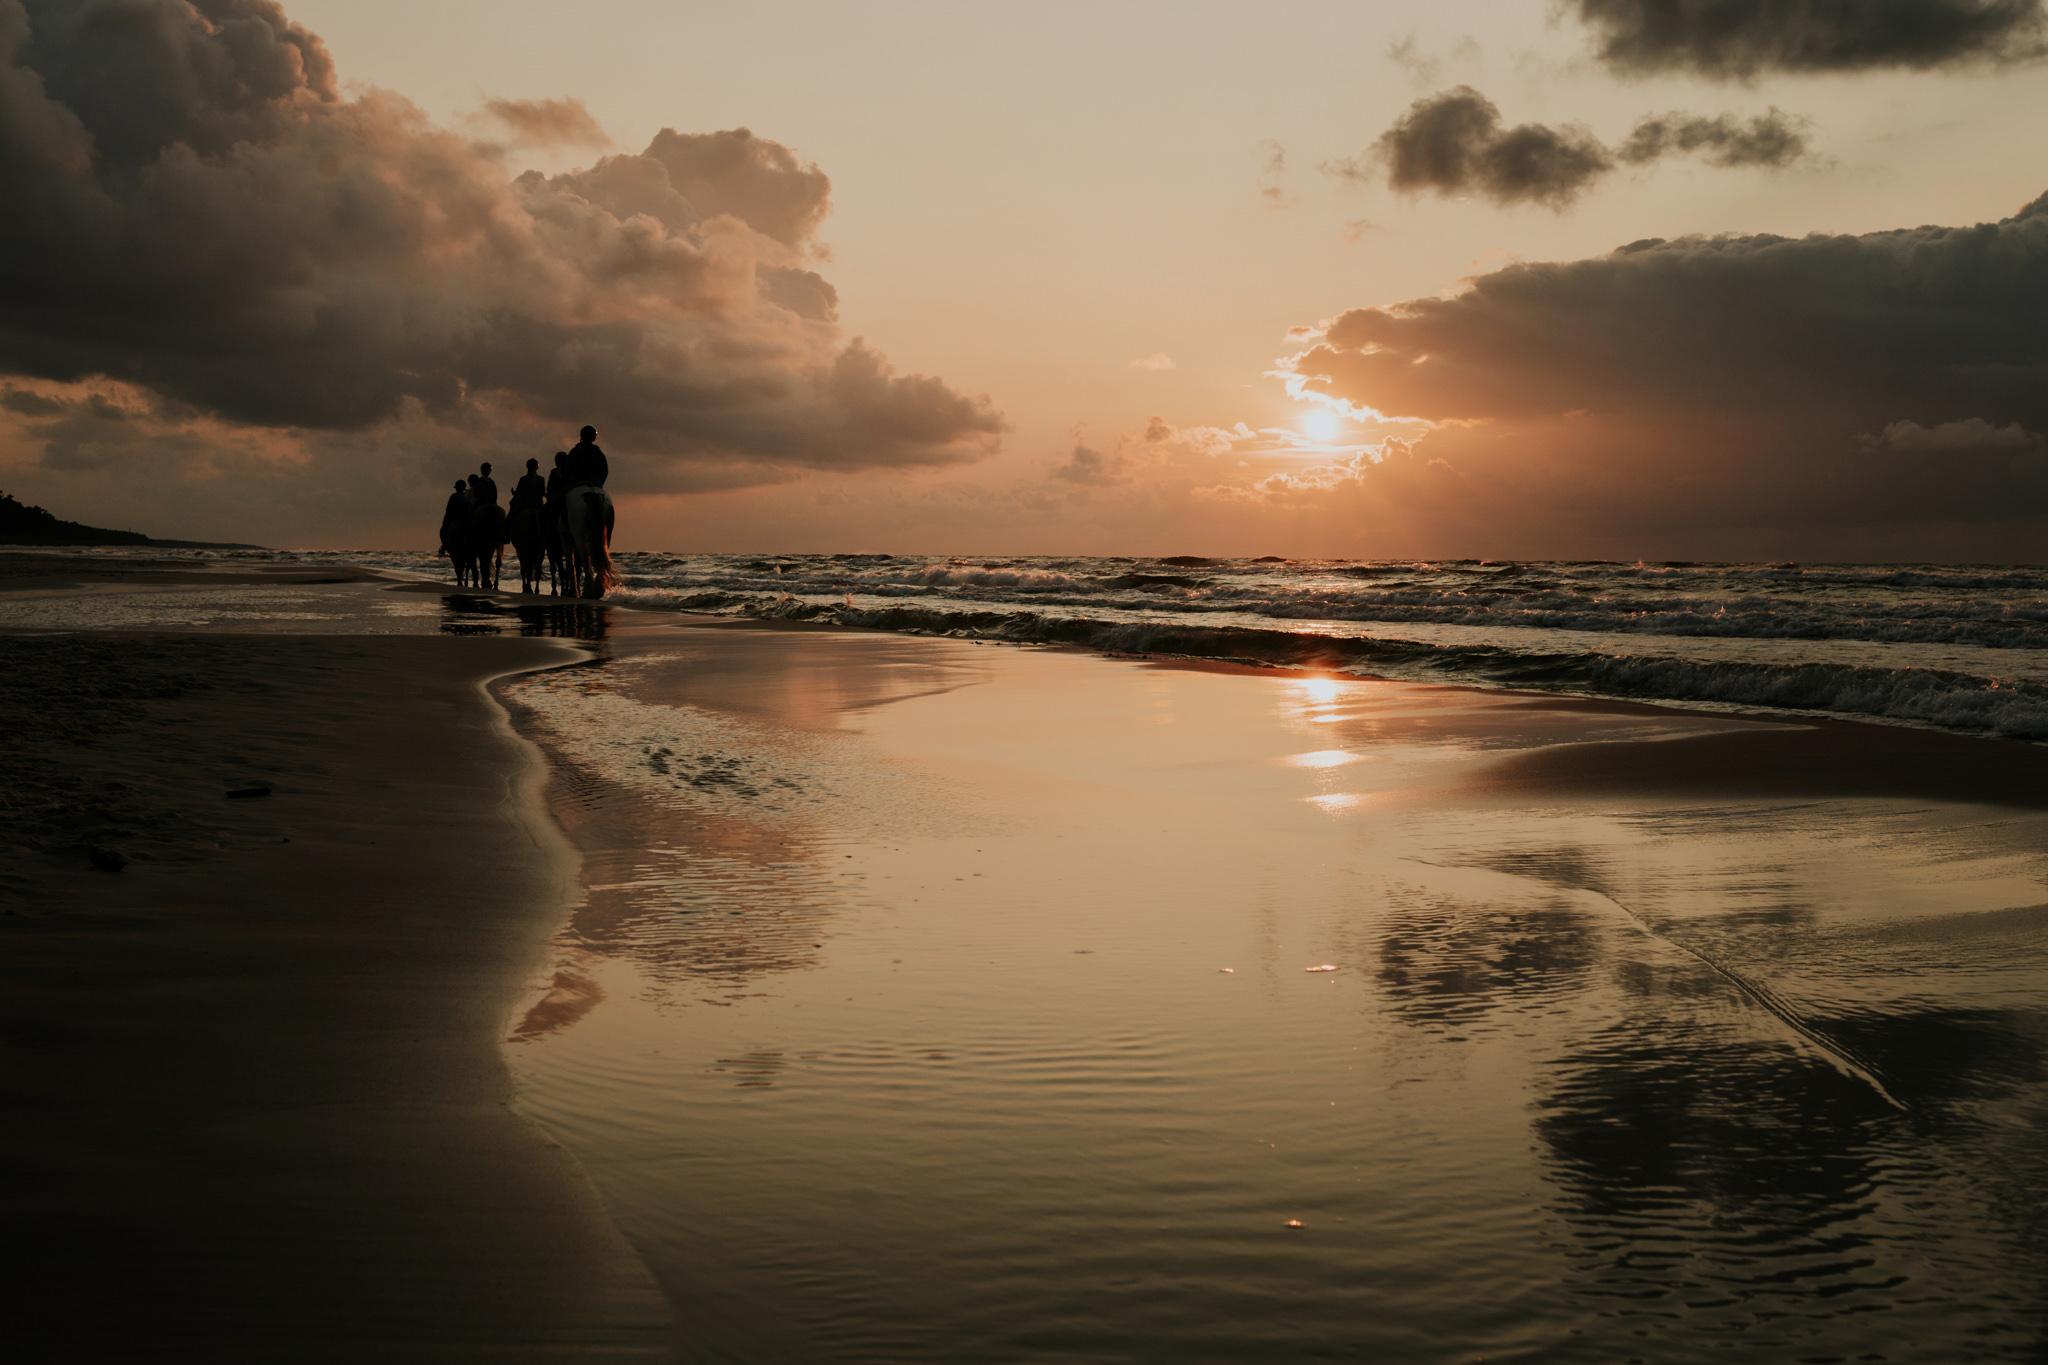 C & R - Mały Dworek Olsztyn - Sesja ślubna nad morzem 123